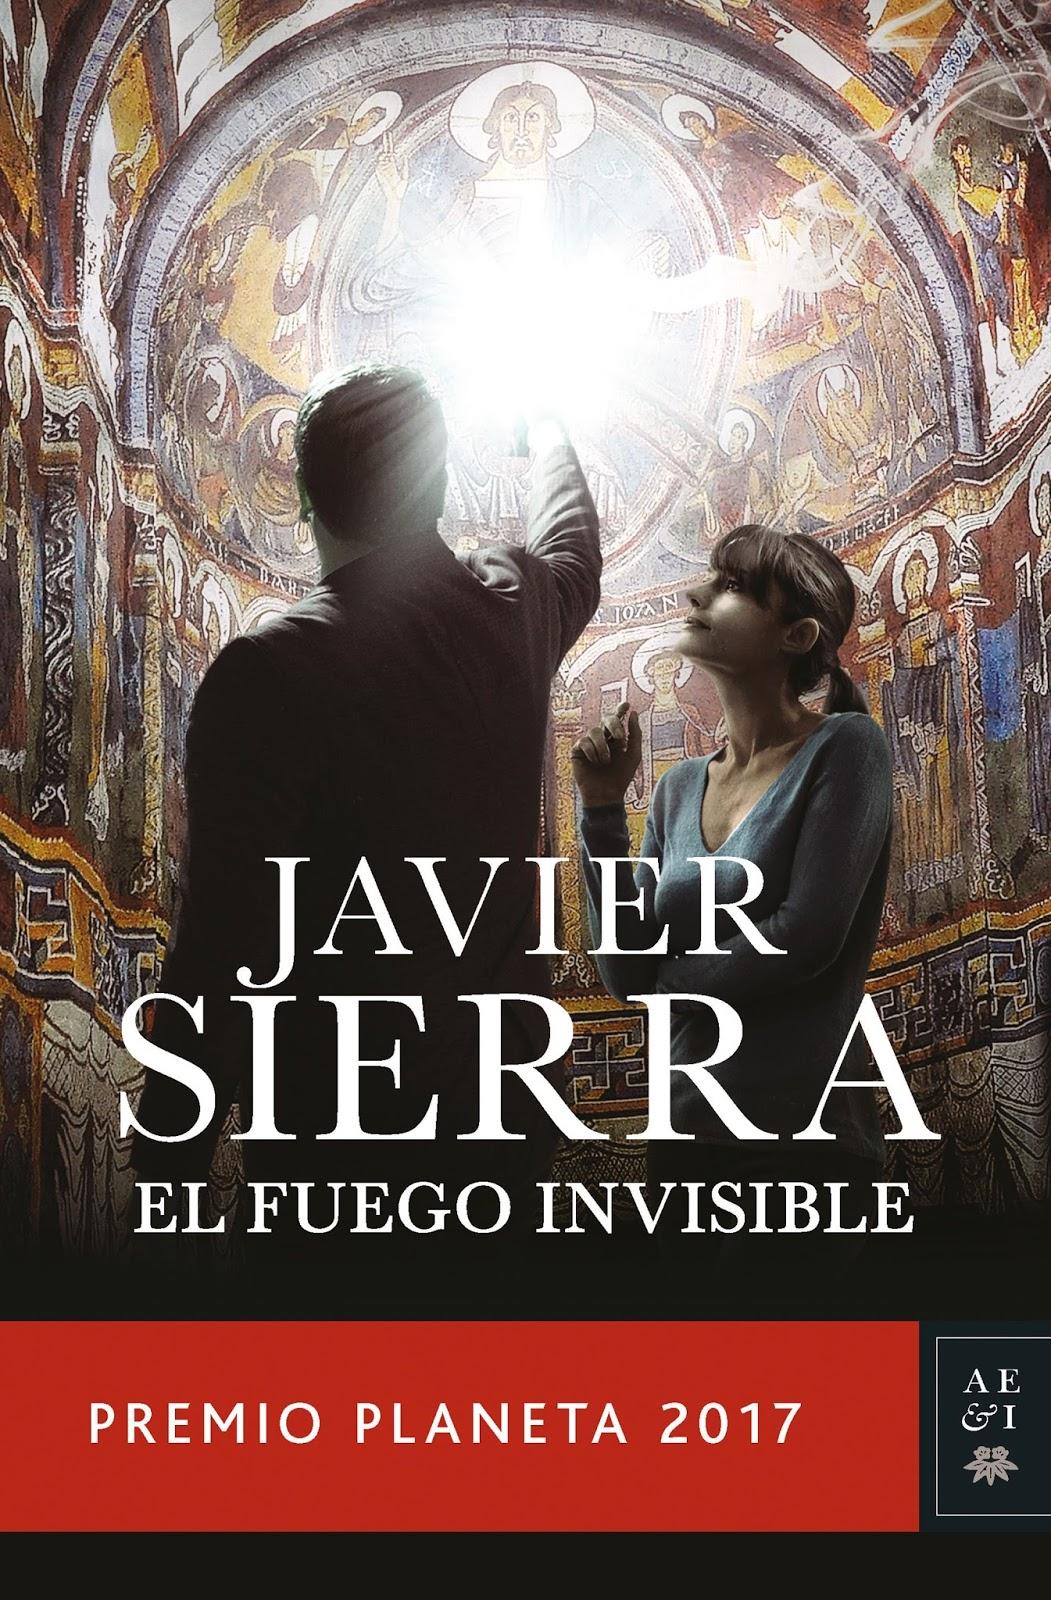 La novela ganadora del Premio Planeta 2017, El fuego invisible de Javier  Sierra, saldrá a la venta en 7 días. En ella se nos promete descubrir el  secreto ...